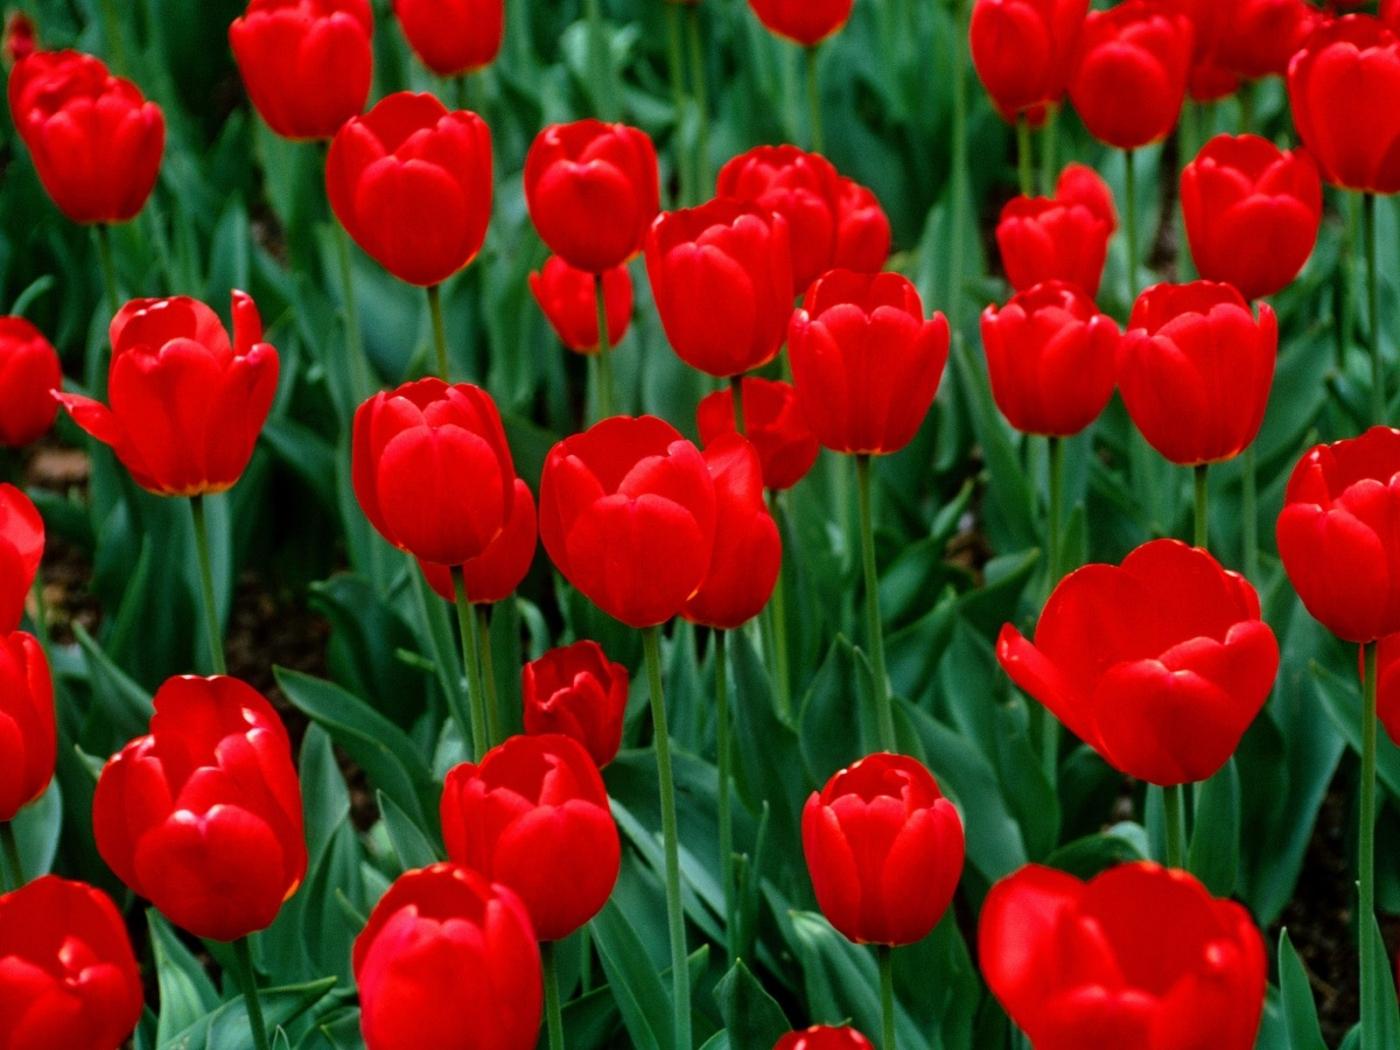 43285 Hintergrundbild herunterladen Tulpen, Pflanzen, Blumen - Bildschirmschoner und Bilder kostenlos